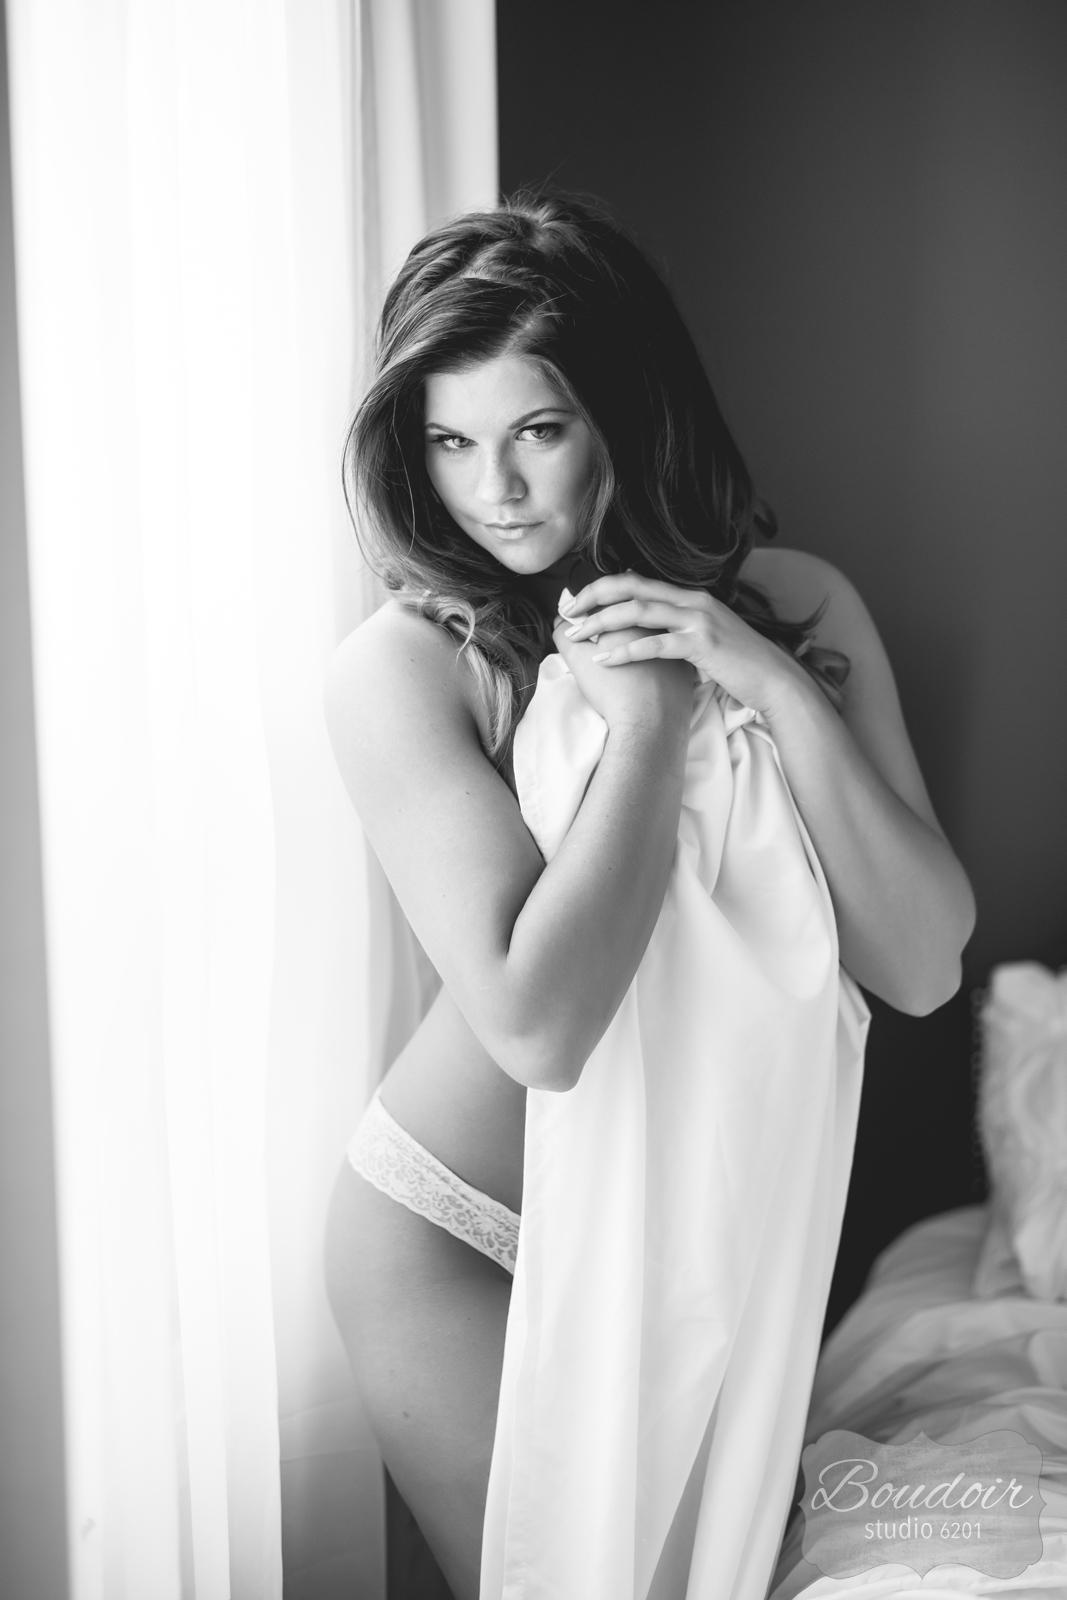 boudoir-studio-6201-summer-in-the-sheets016.jpg